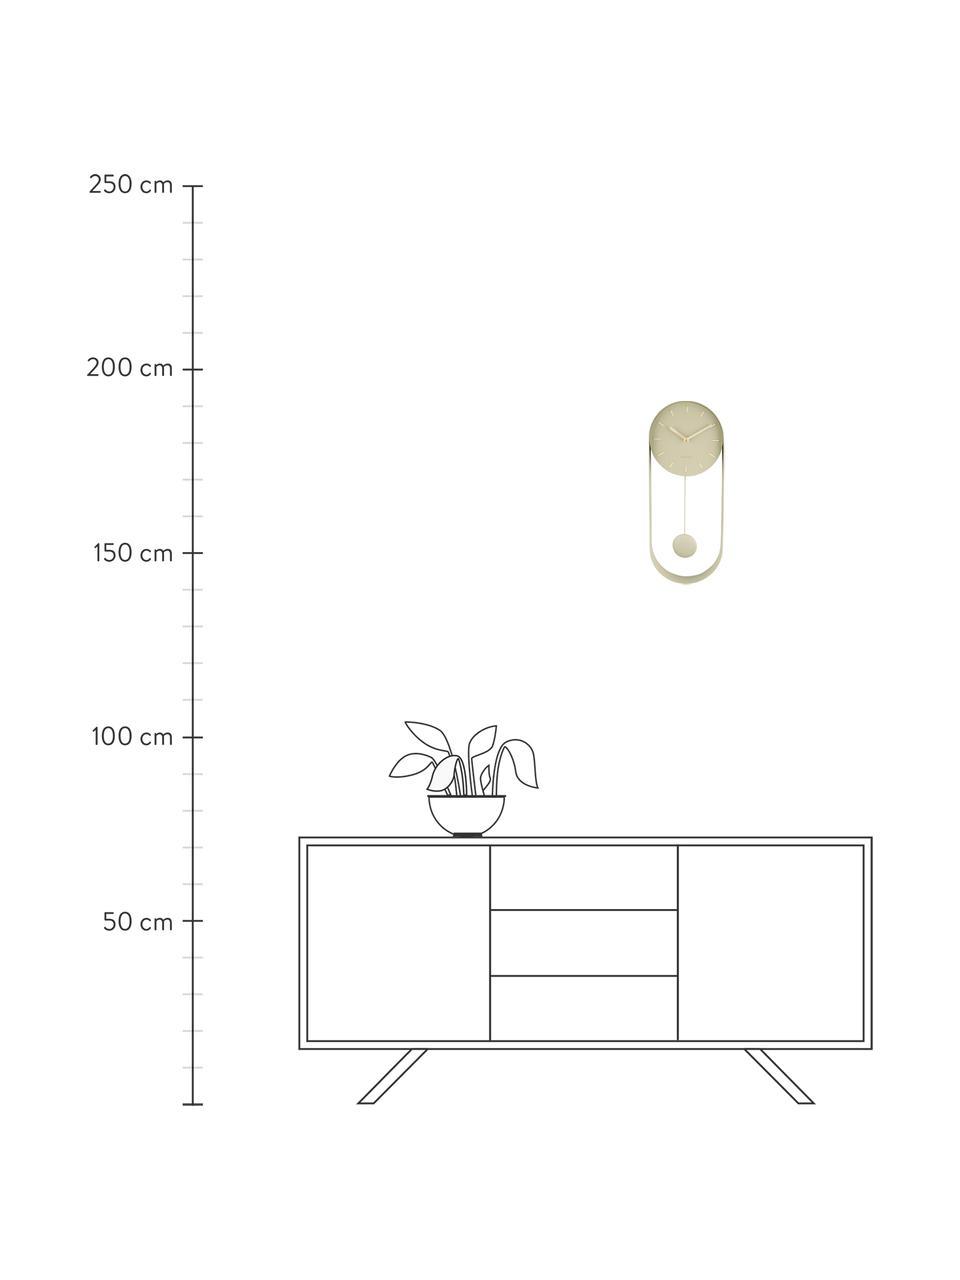 Wandklok Charm, Gecoat metaal, Beige, 20 x 50 cm